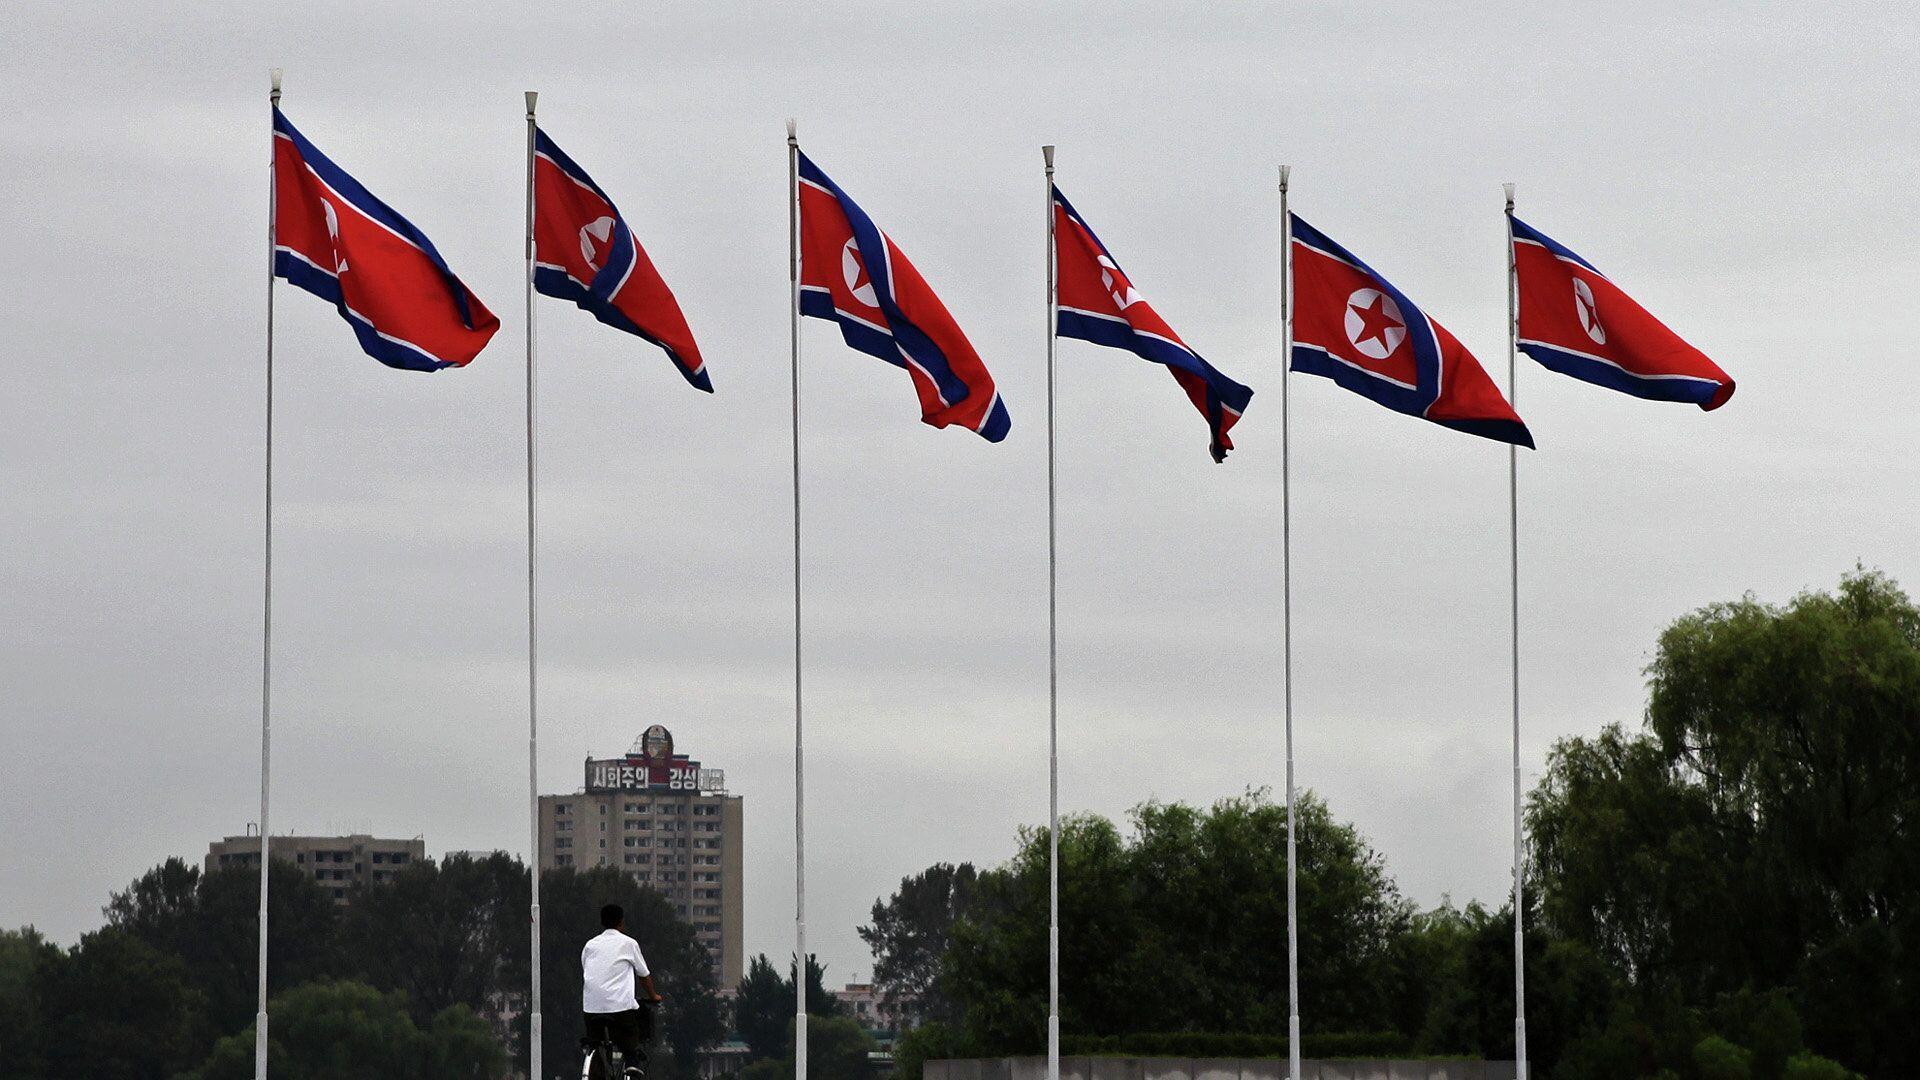 Banderas de Corea del Norte en Pyongyang - Sputnik Mundo, 1920, 02.10.2021